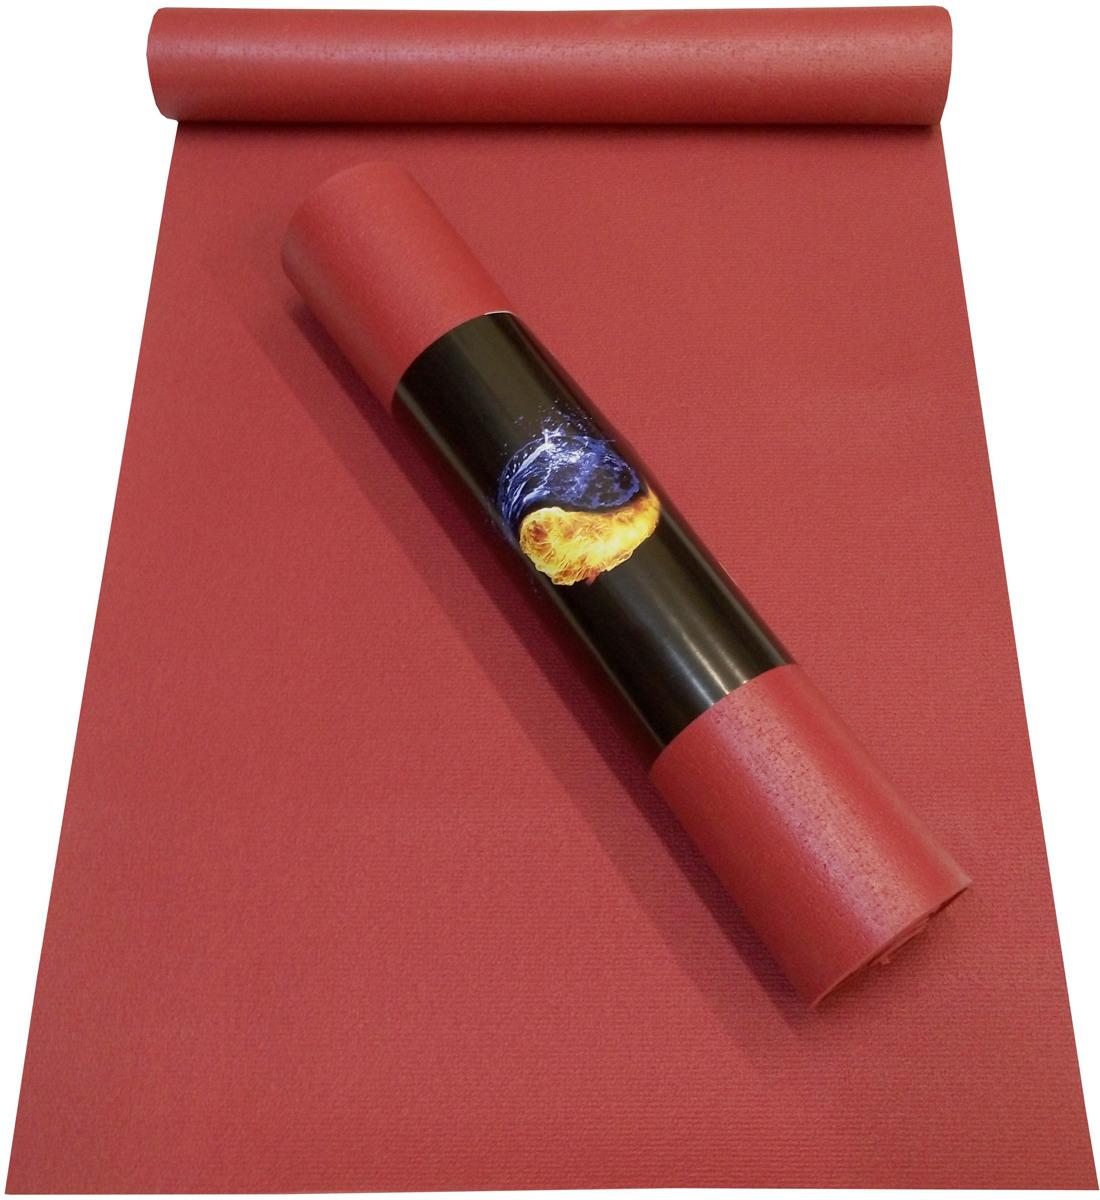 цена на Коврик для йоги Ako-Yoga Yin-Yang Studio, цвет: бордо, 200 х 80 см